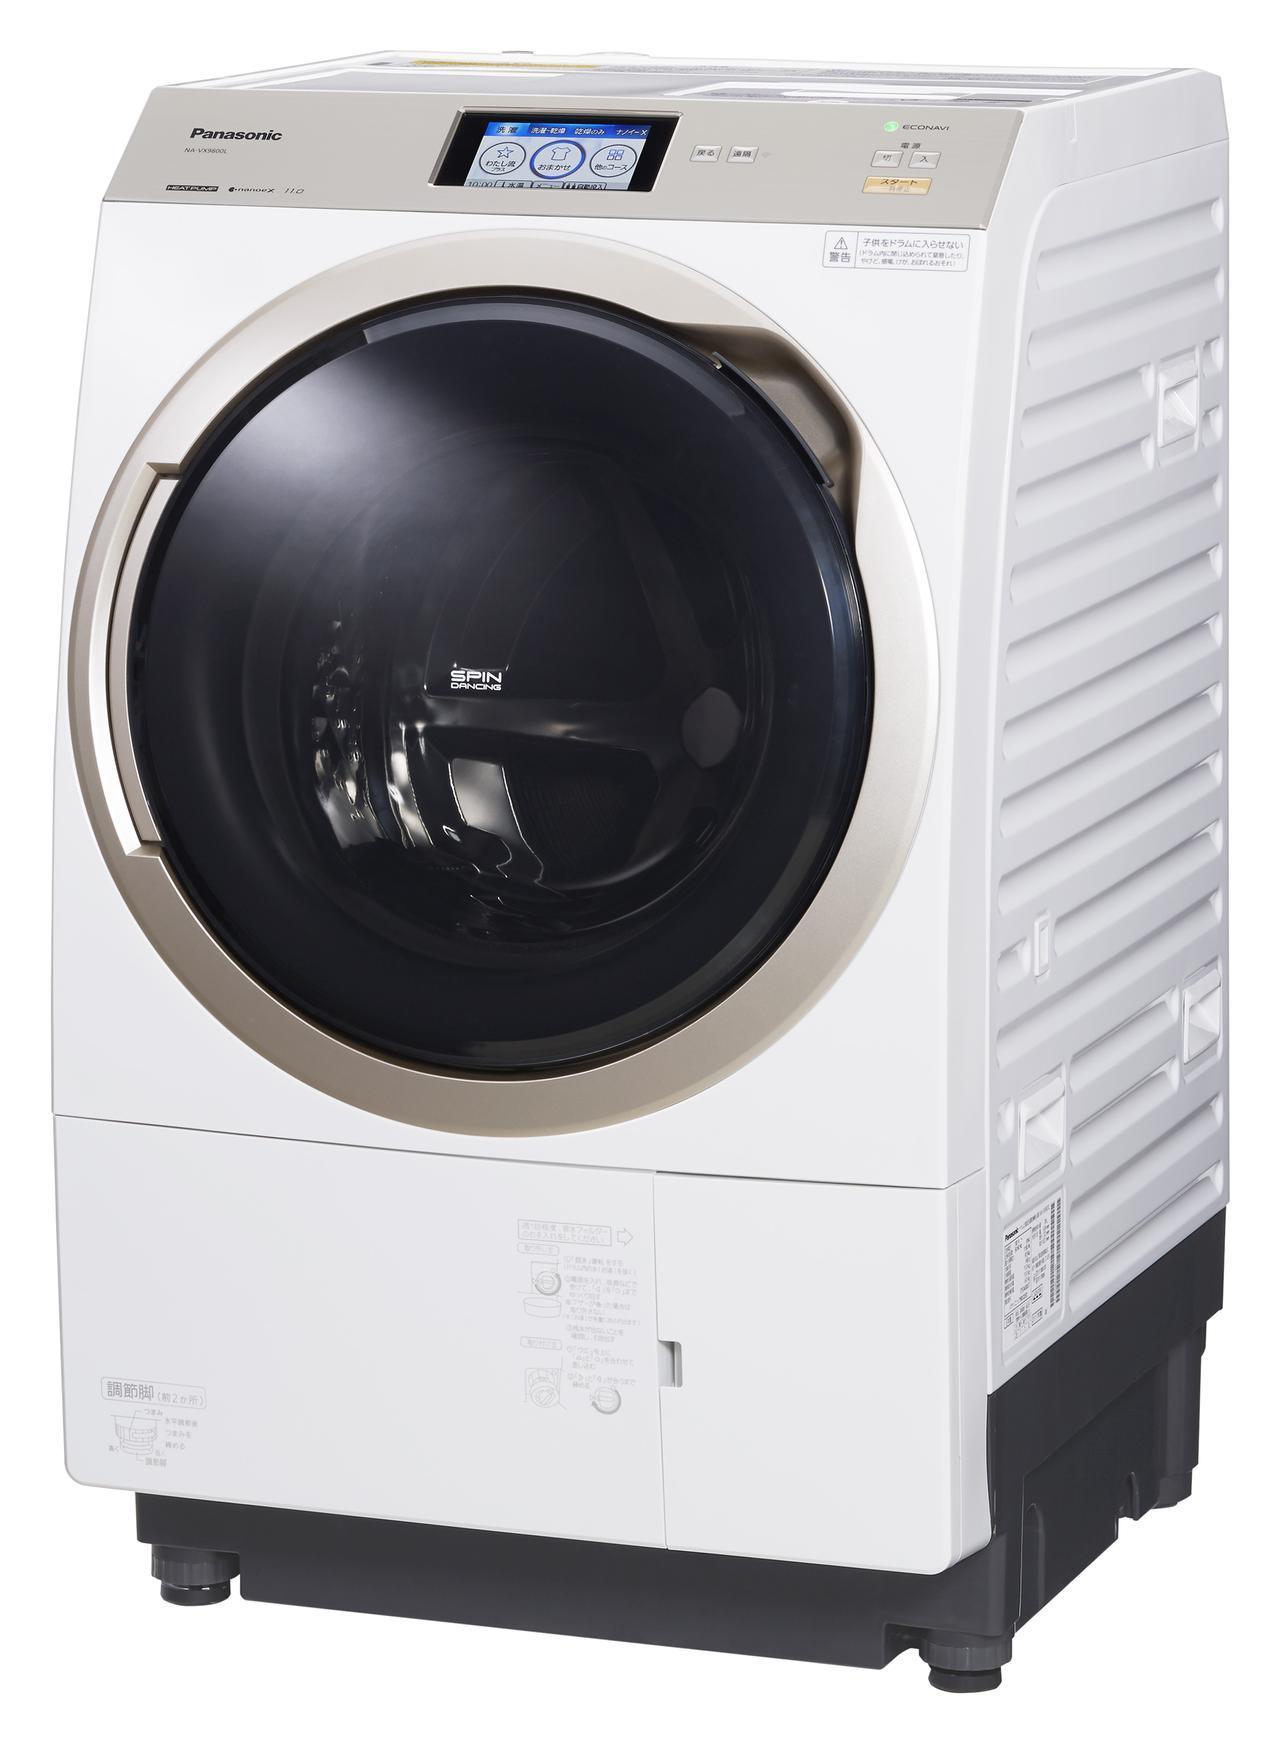 画像: 「特選街」が選んだ家電ランキング 【洗濯機】のTOP5